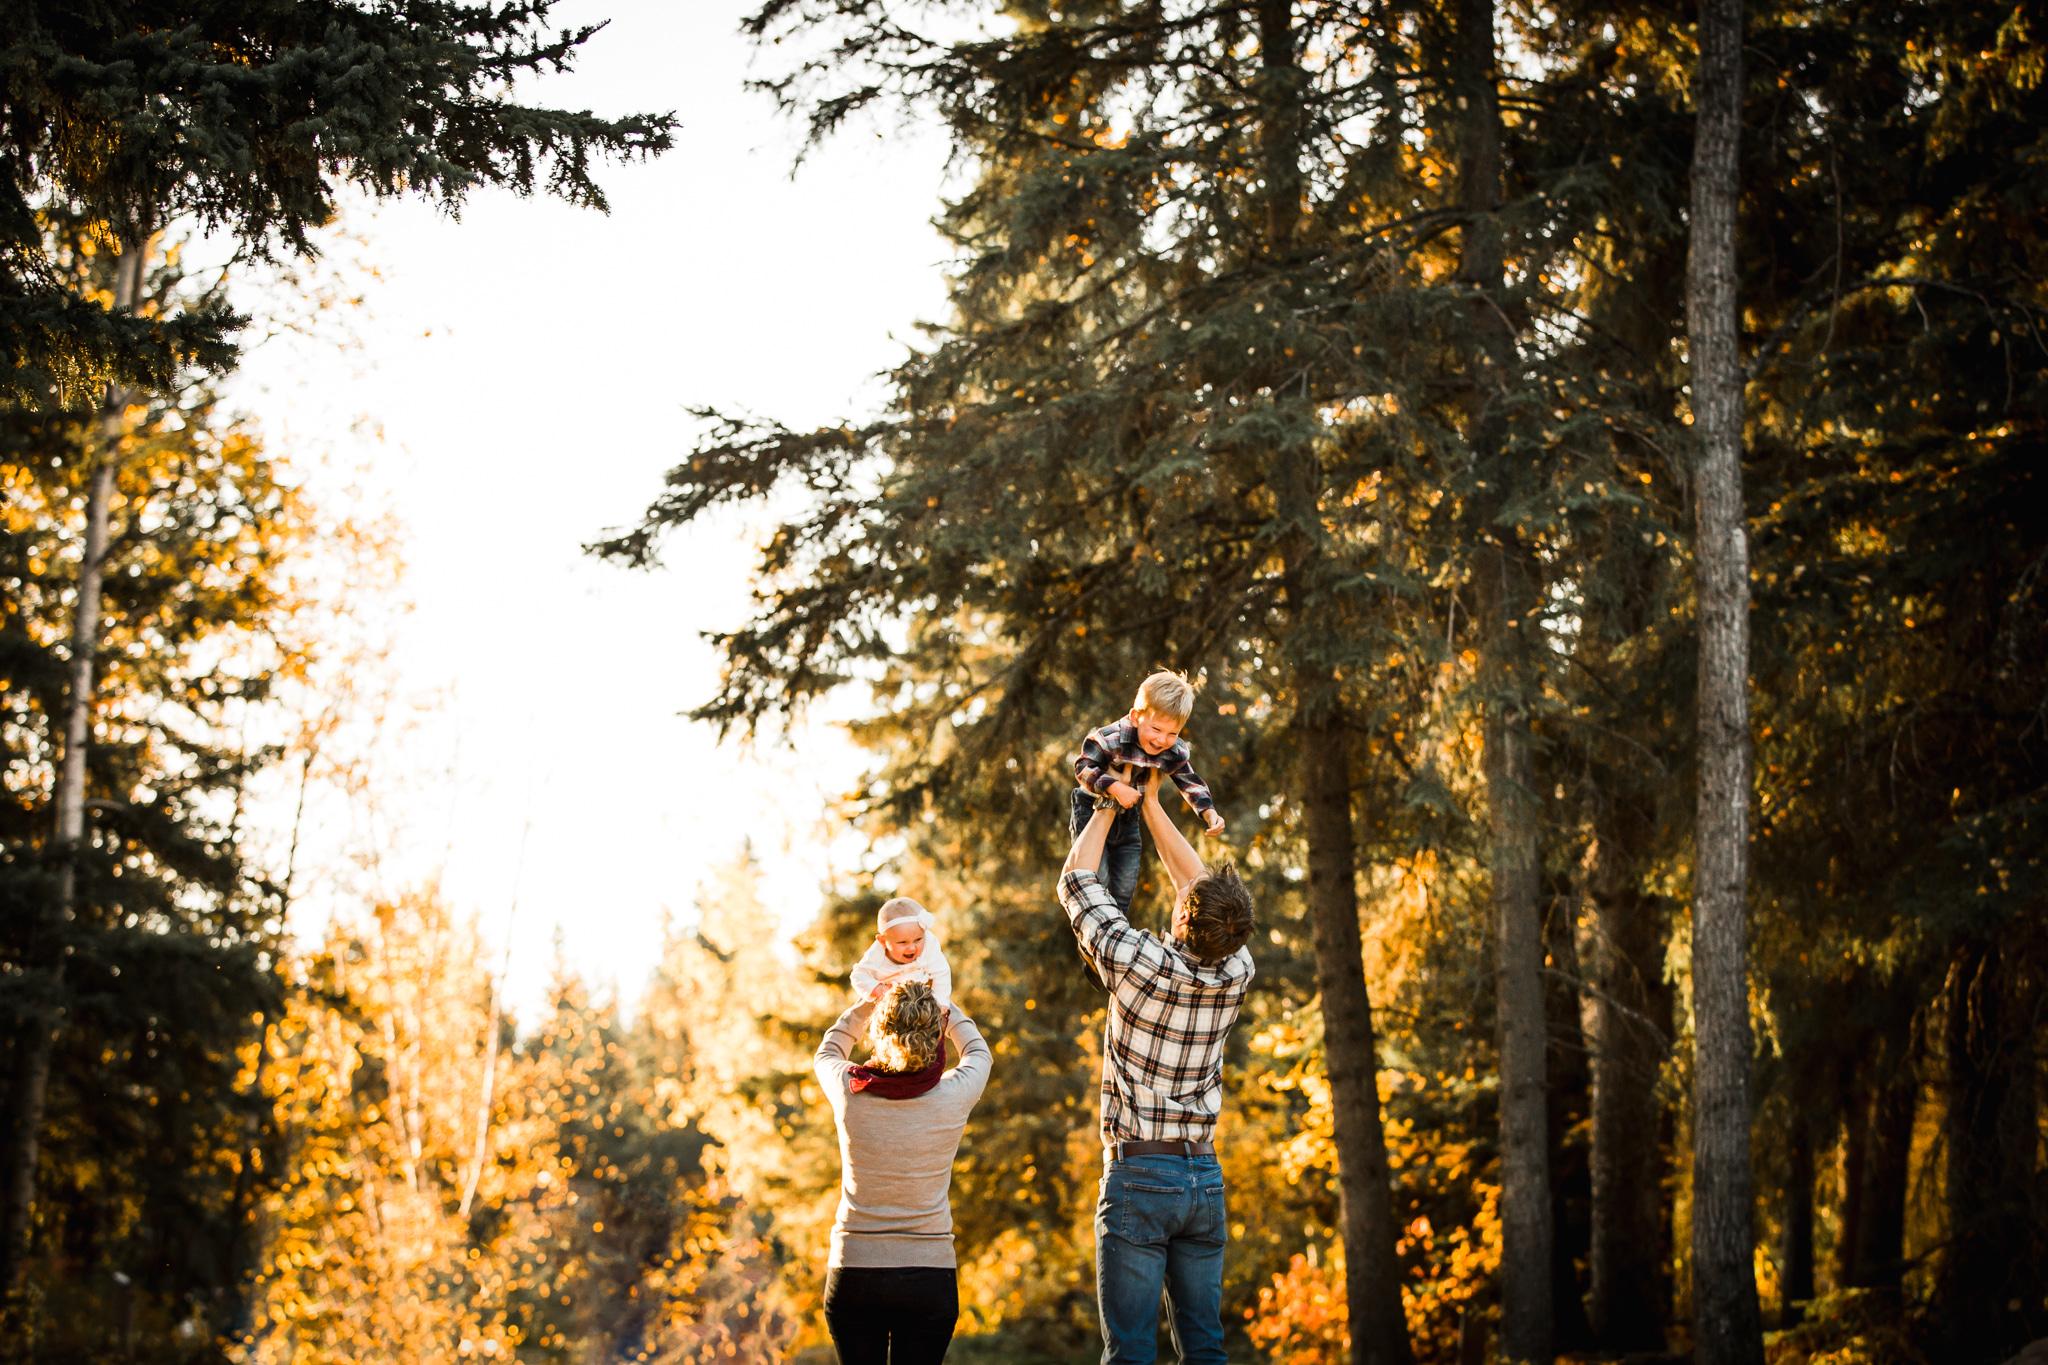 Alina-Joy-Photography-Cold-Lake-Lifestyle-Photographer-157.jpg